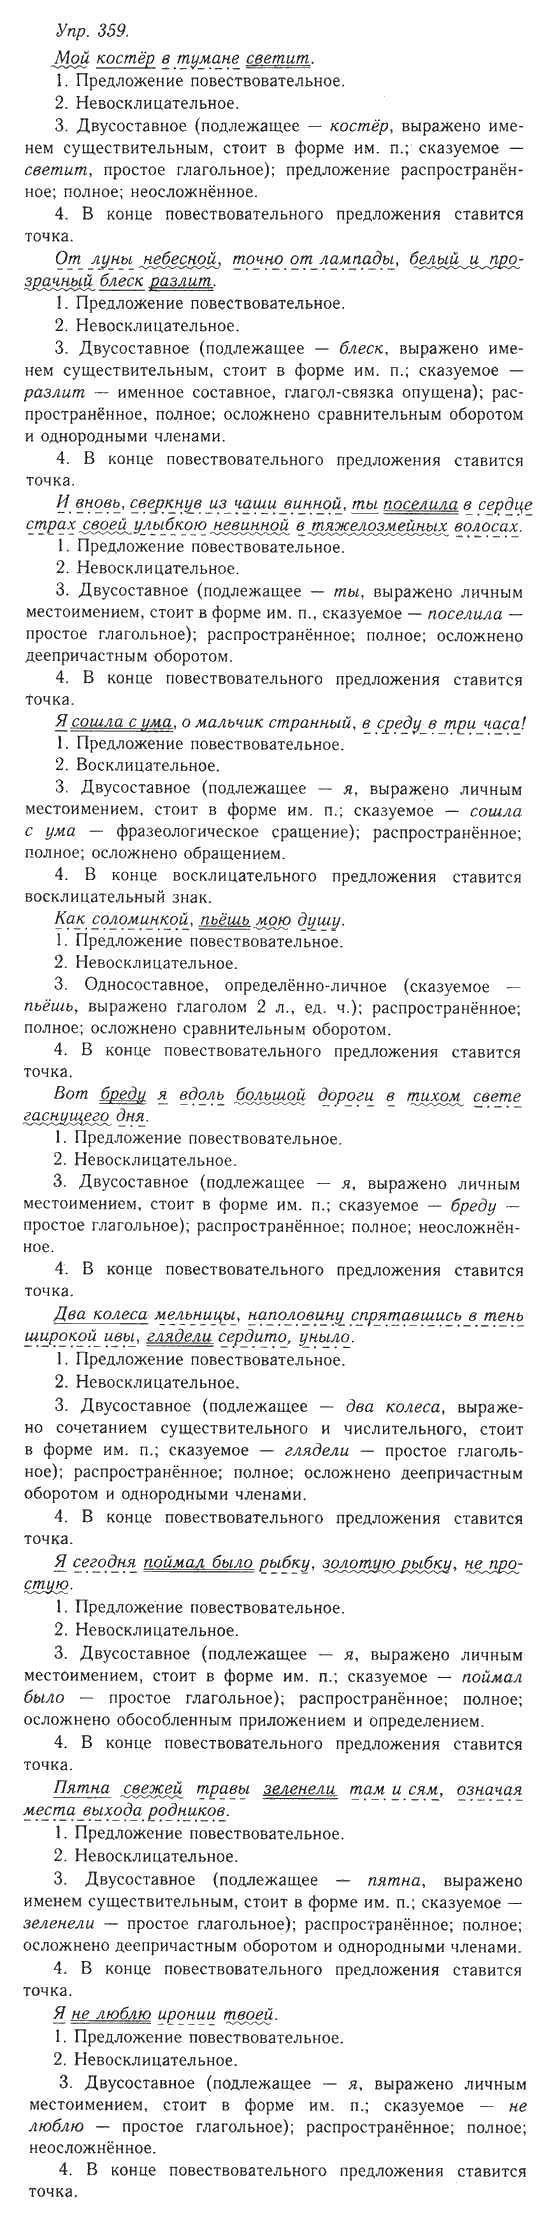 Геометрия 8 класс тематические тесты мищенко т.м блинков а.д ответы